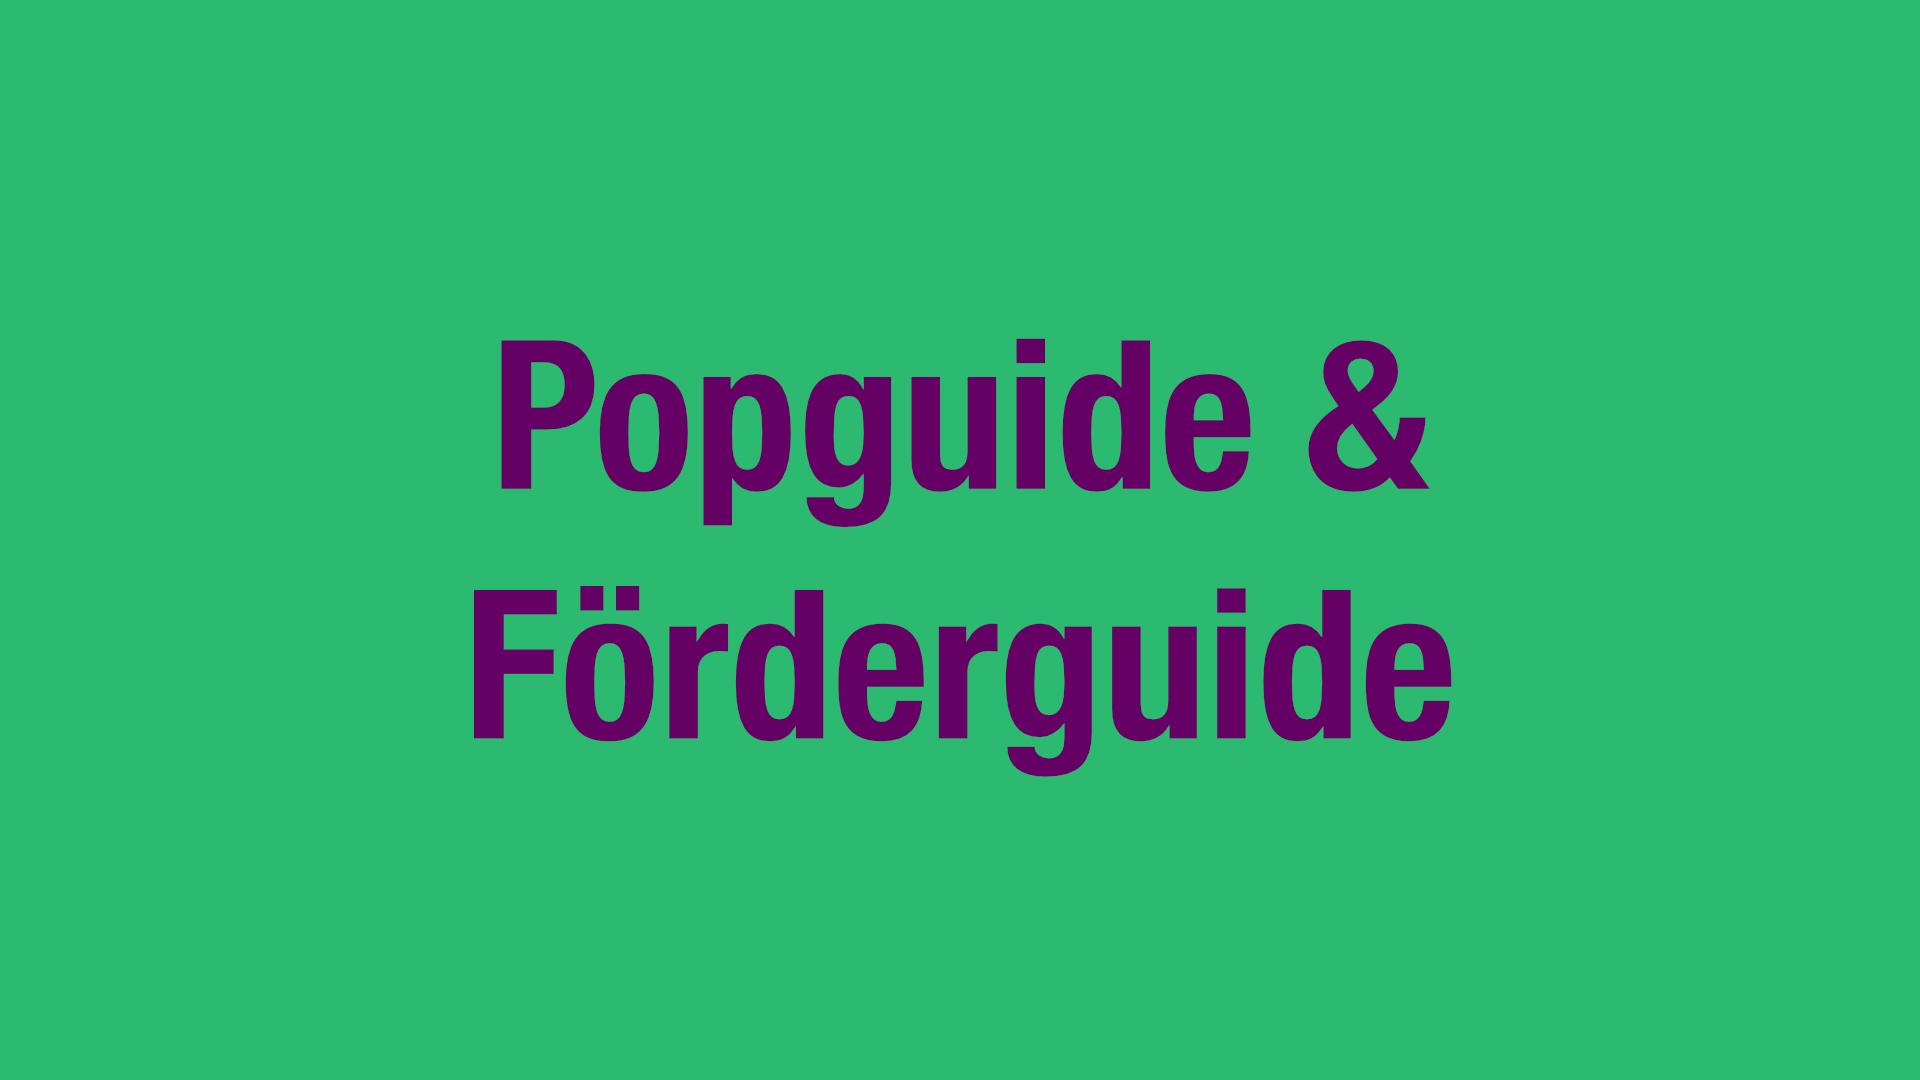 Popguide & Förderguide